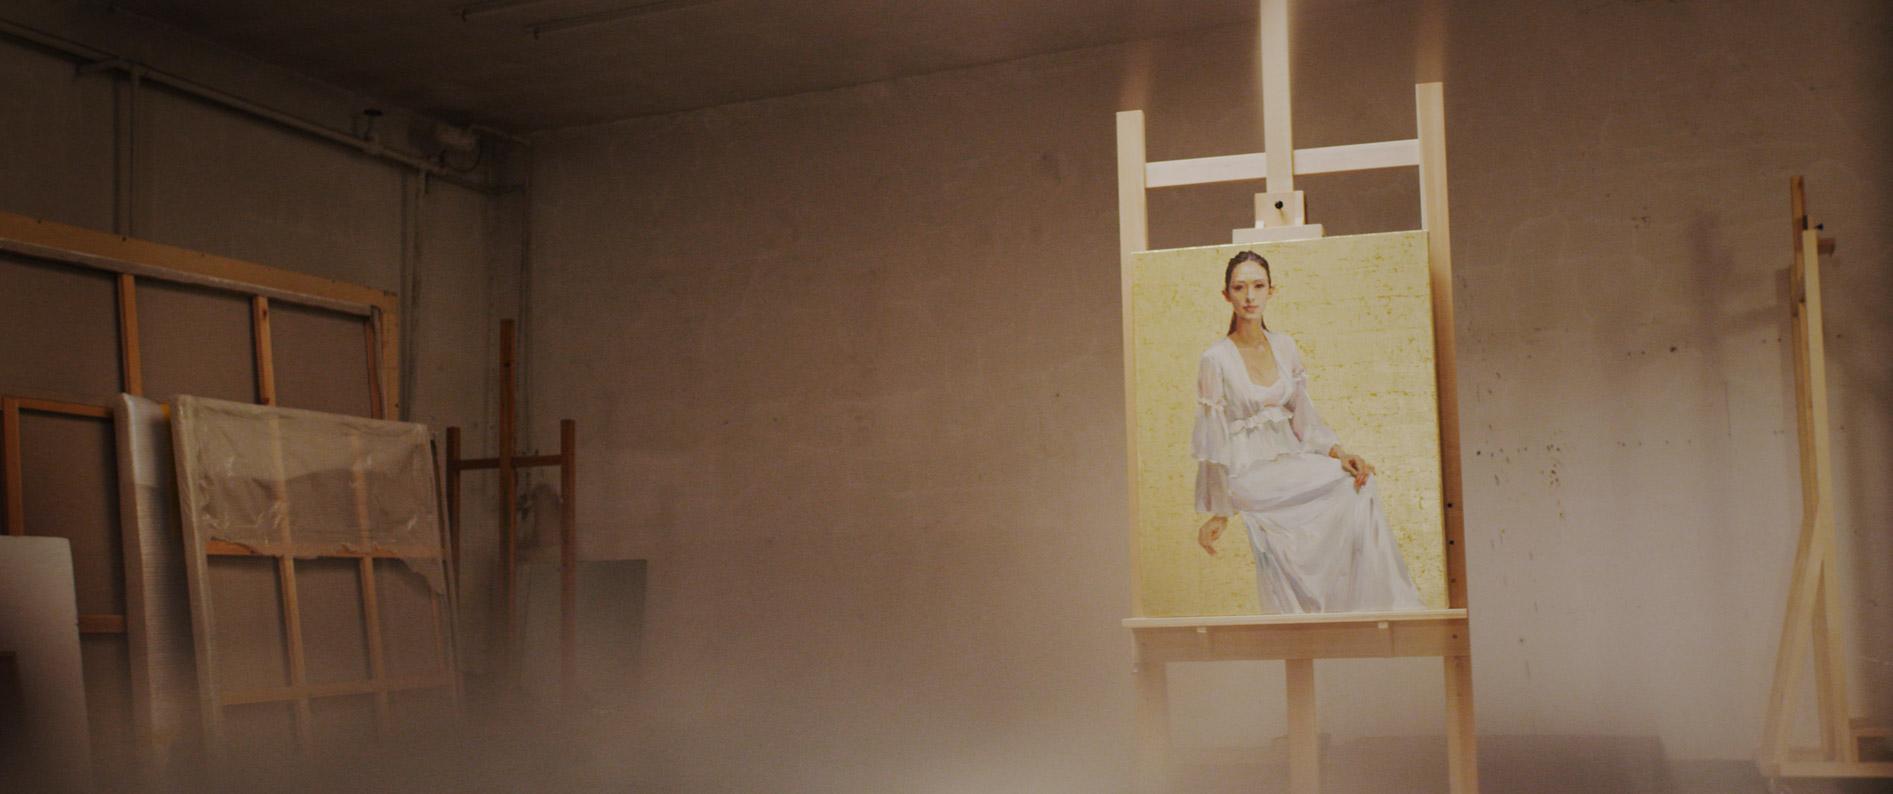 Yu Hong Portrait of Zhang Ziyi